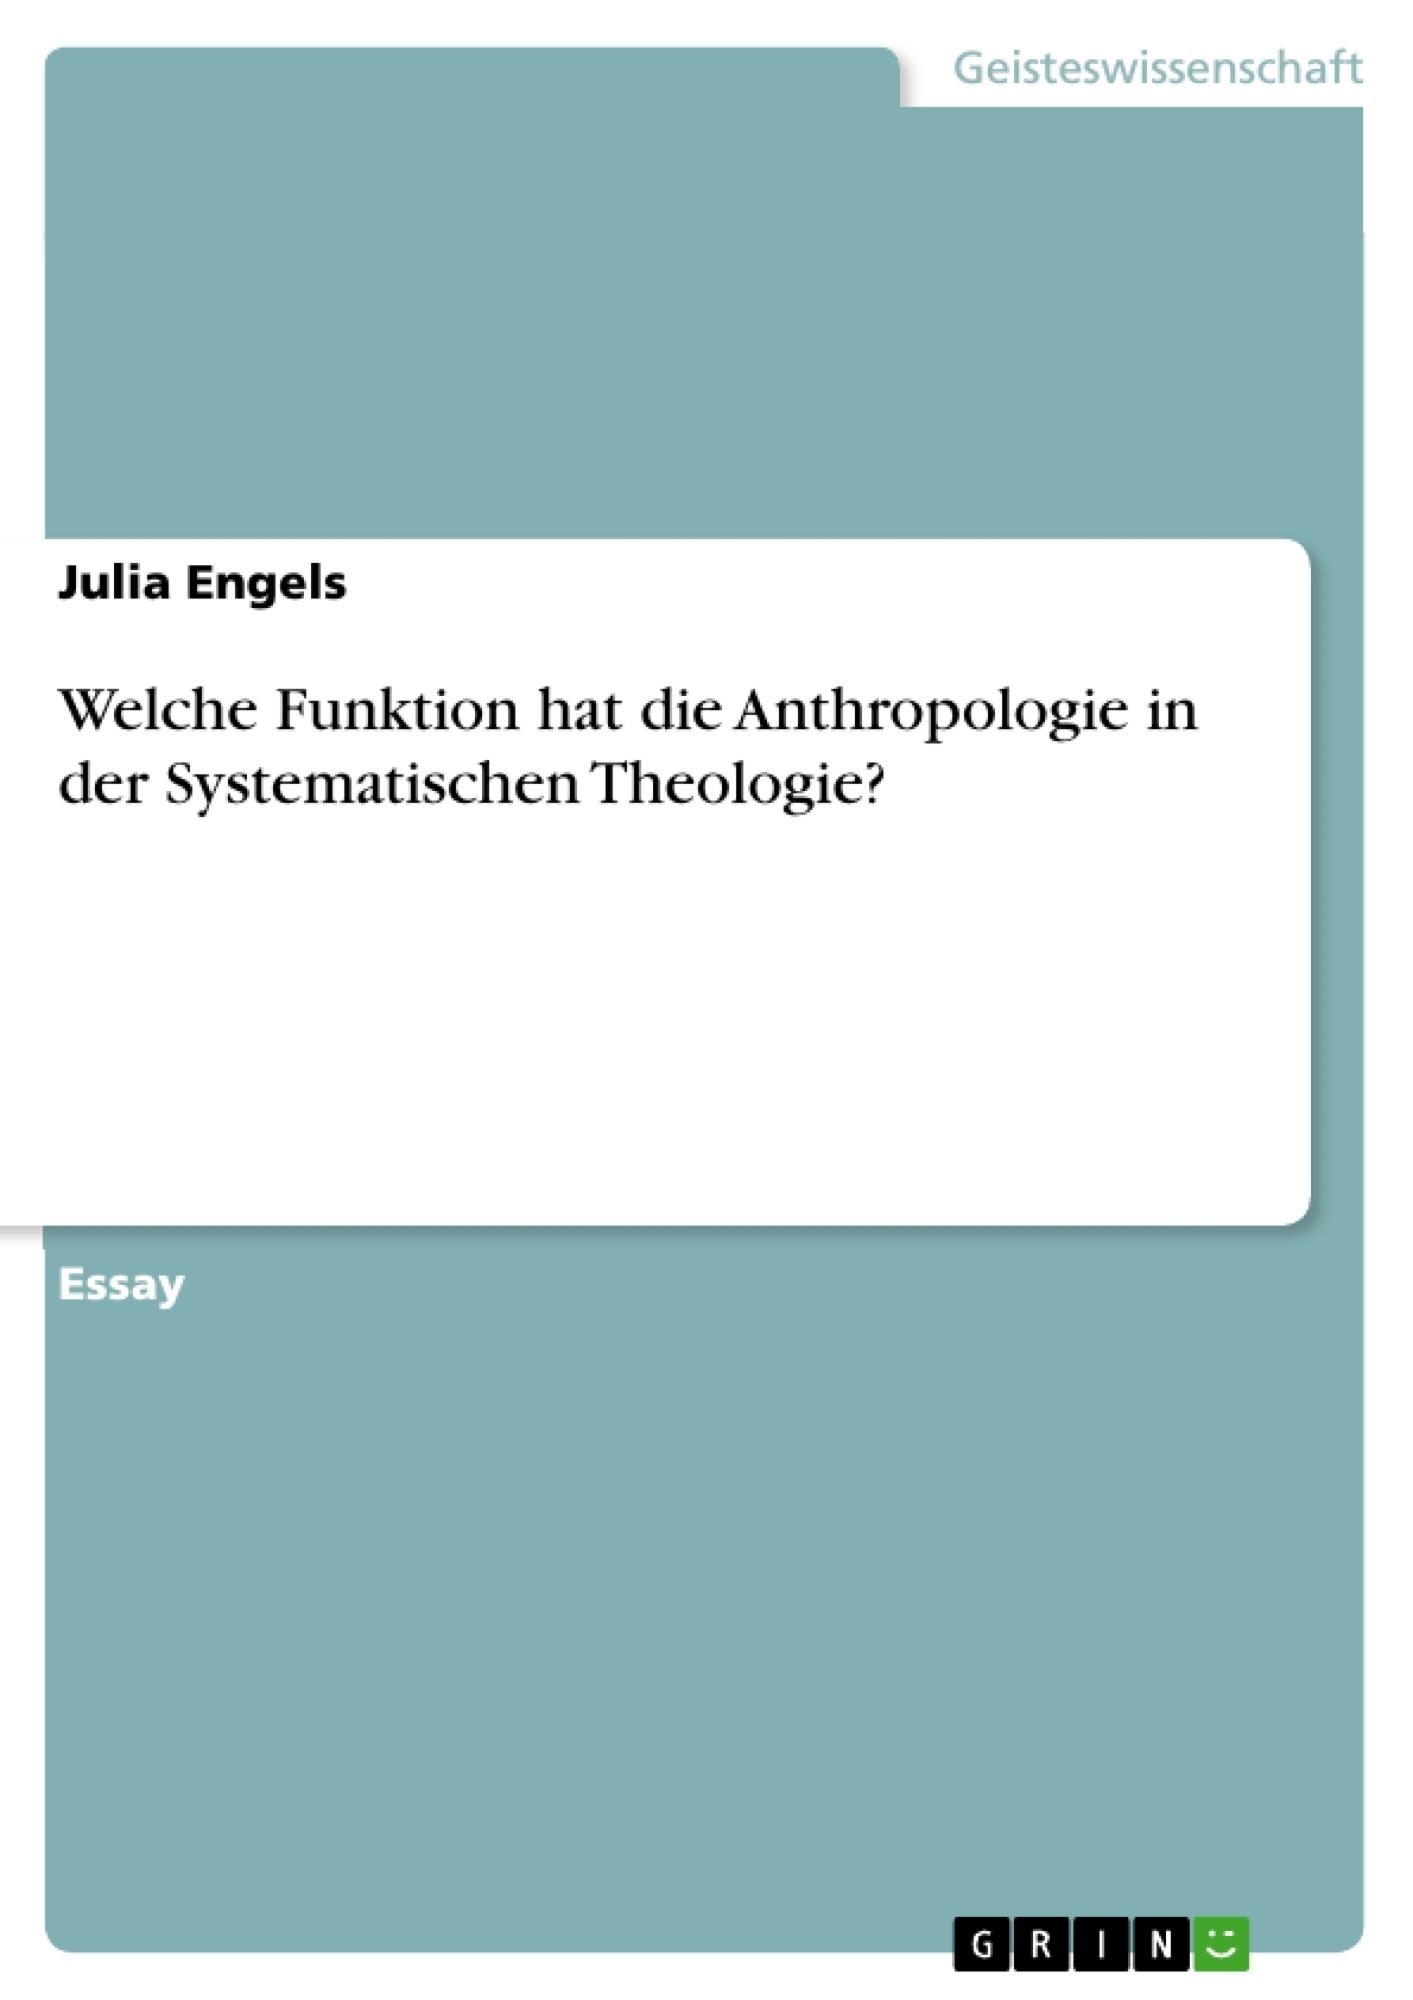 Titel: Welche Funktion hat die Anthropologie in der Systematischen Theologie?